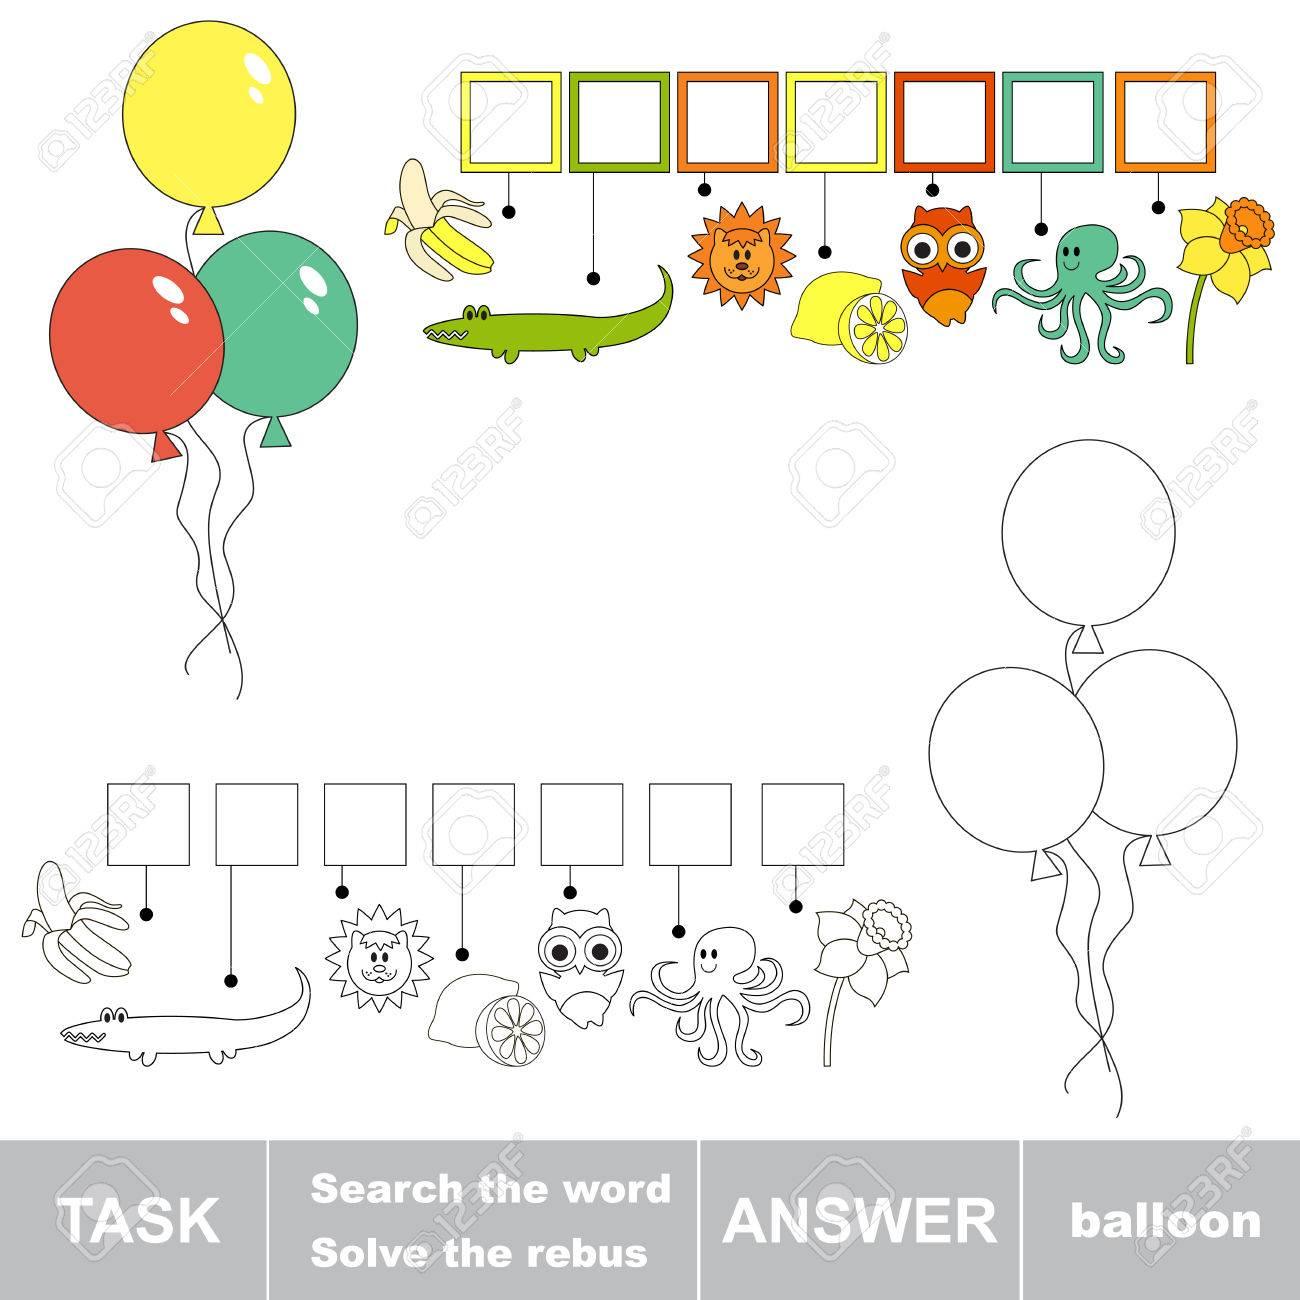 Rebus Jeu D'enfant. Rechercher Le Mot Ballon. Trouver Mot Caché. Tâche Et  La Réponse. Jeu Pour Les Enfants. dedans Rébus À Imprimer